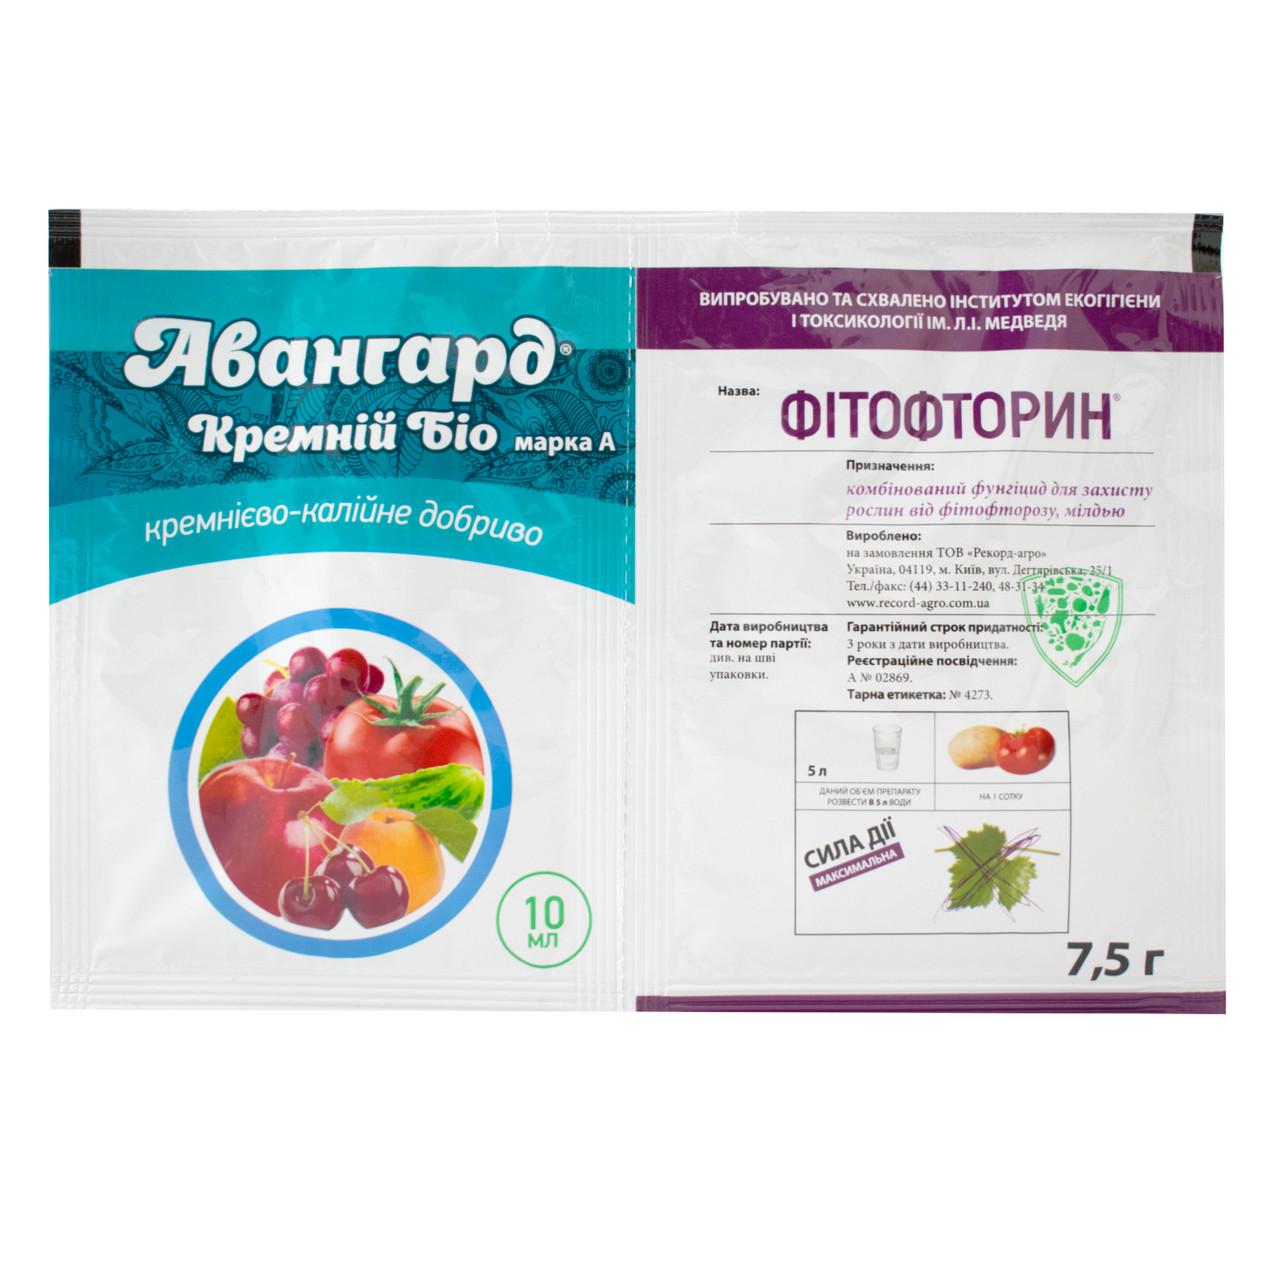 Фунгицид Фитофторин 7.5 г + Авангард кремний био 10 мл